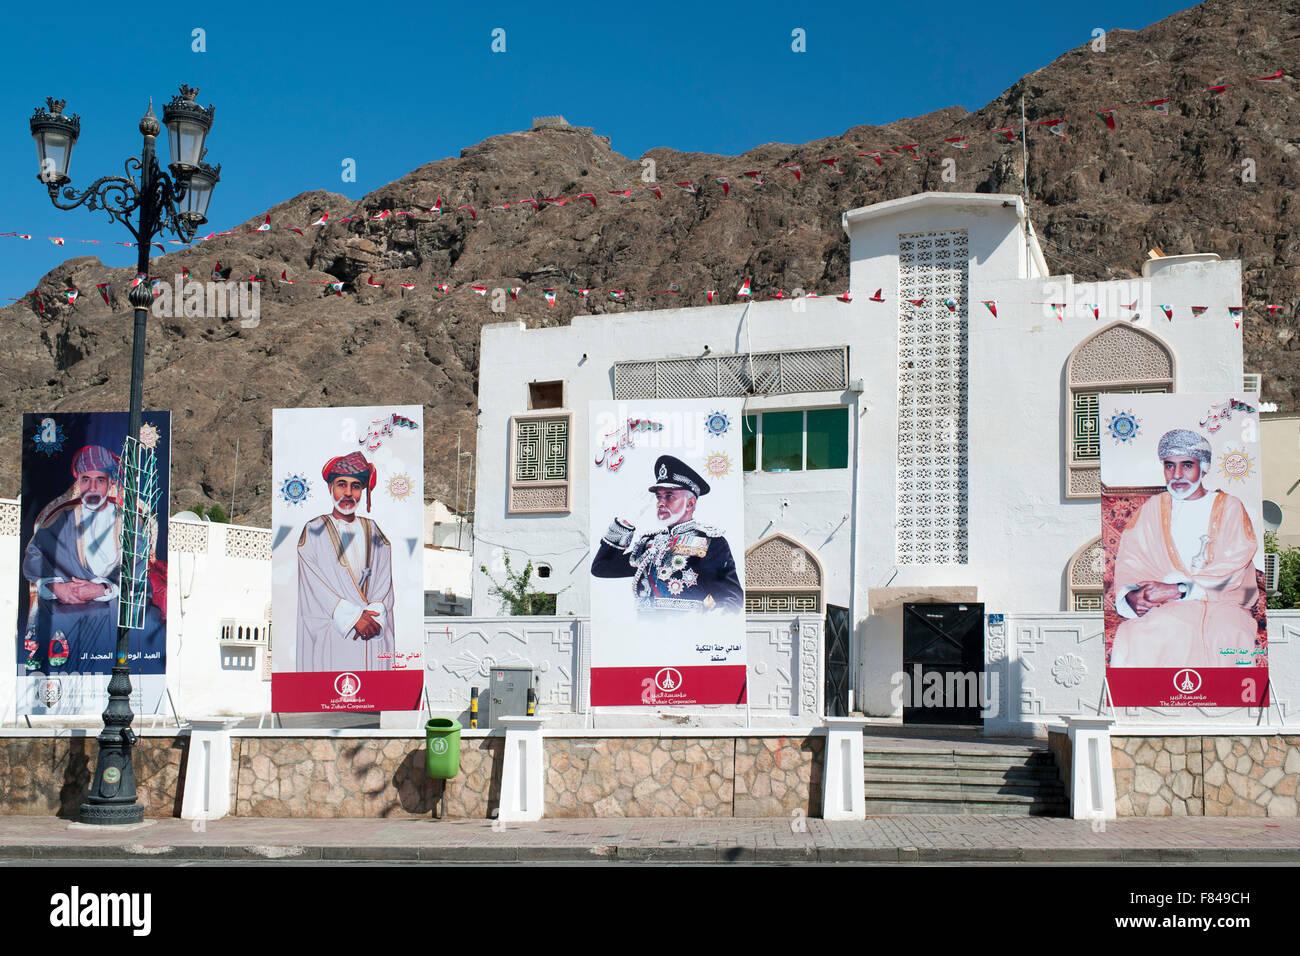 Carteles del Sultán de Omán en Muscat Vieja, parte de la capital del Sultanato de Omán. Imagen De Stock